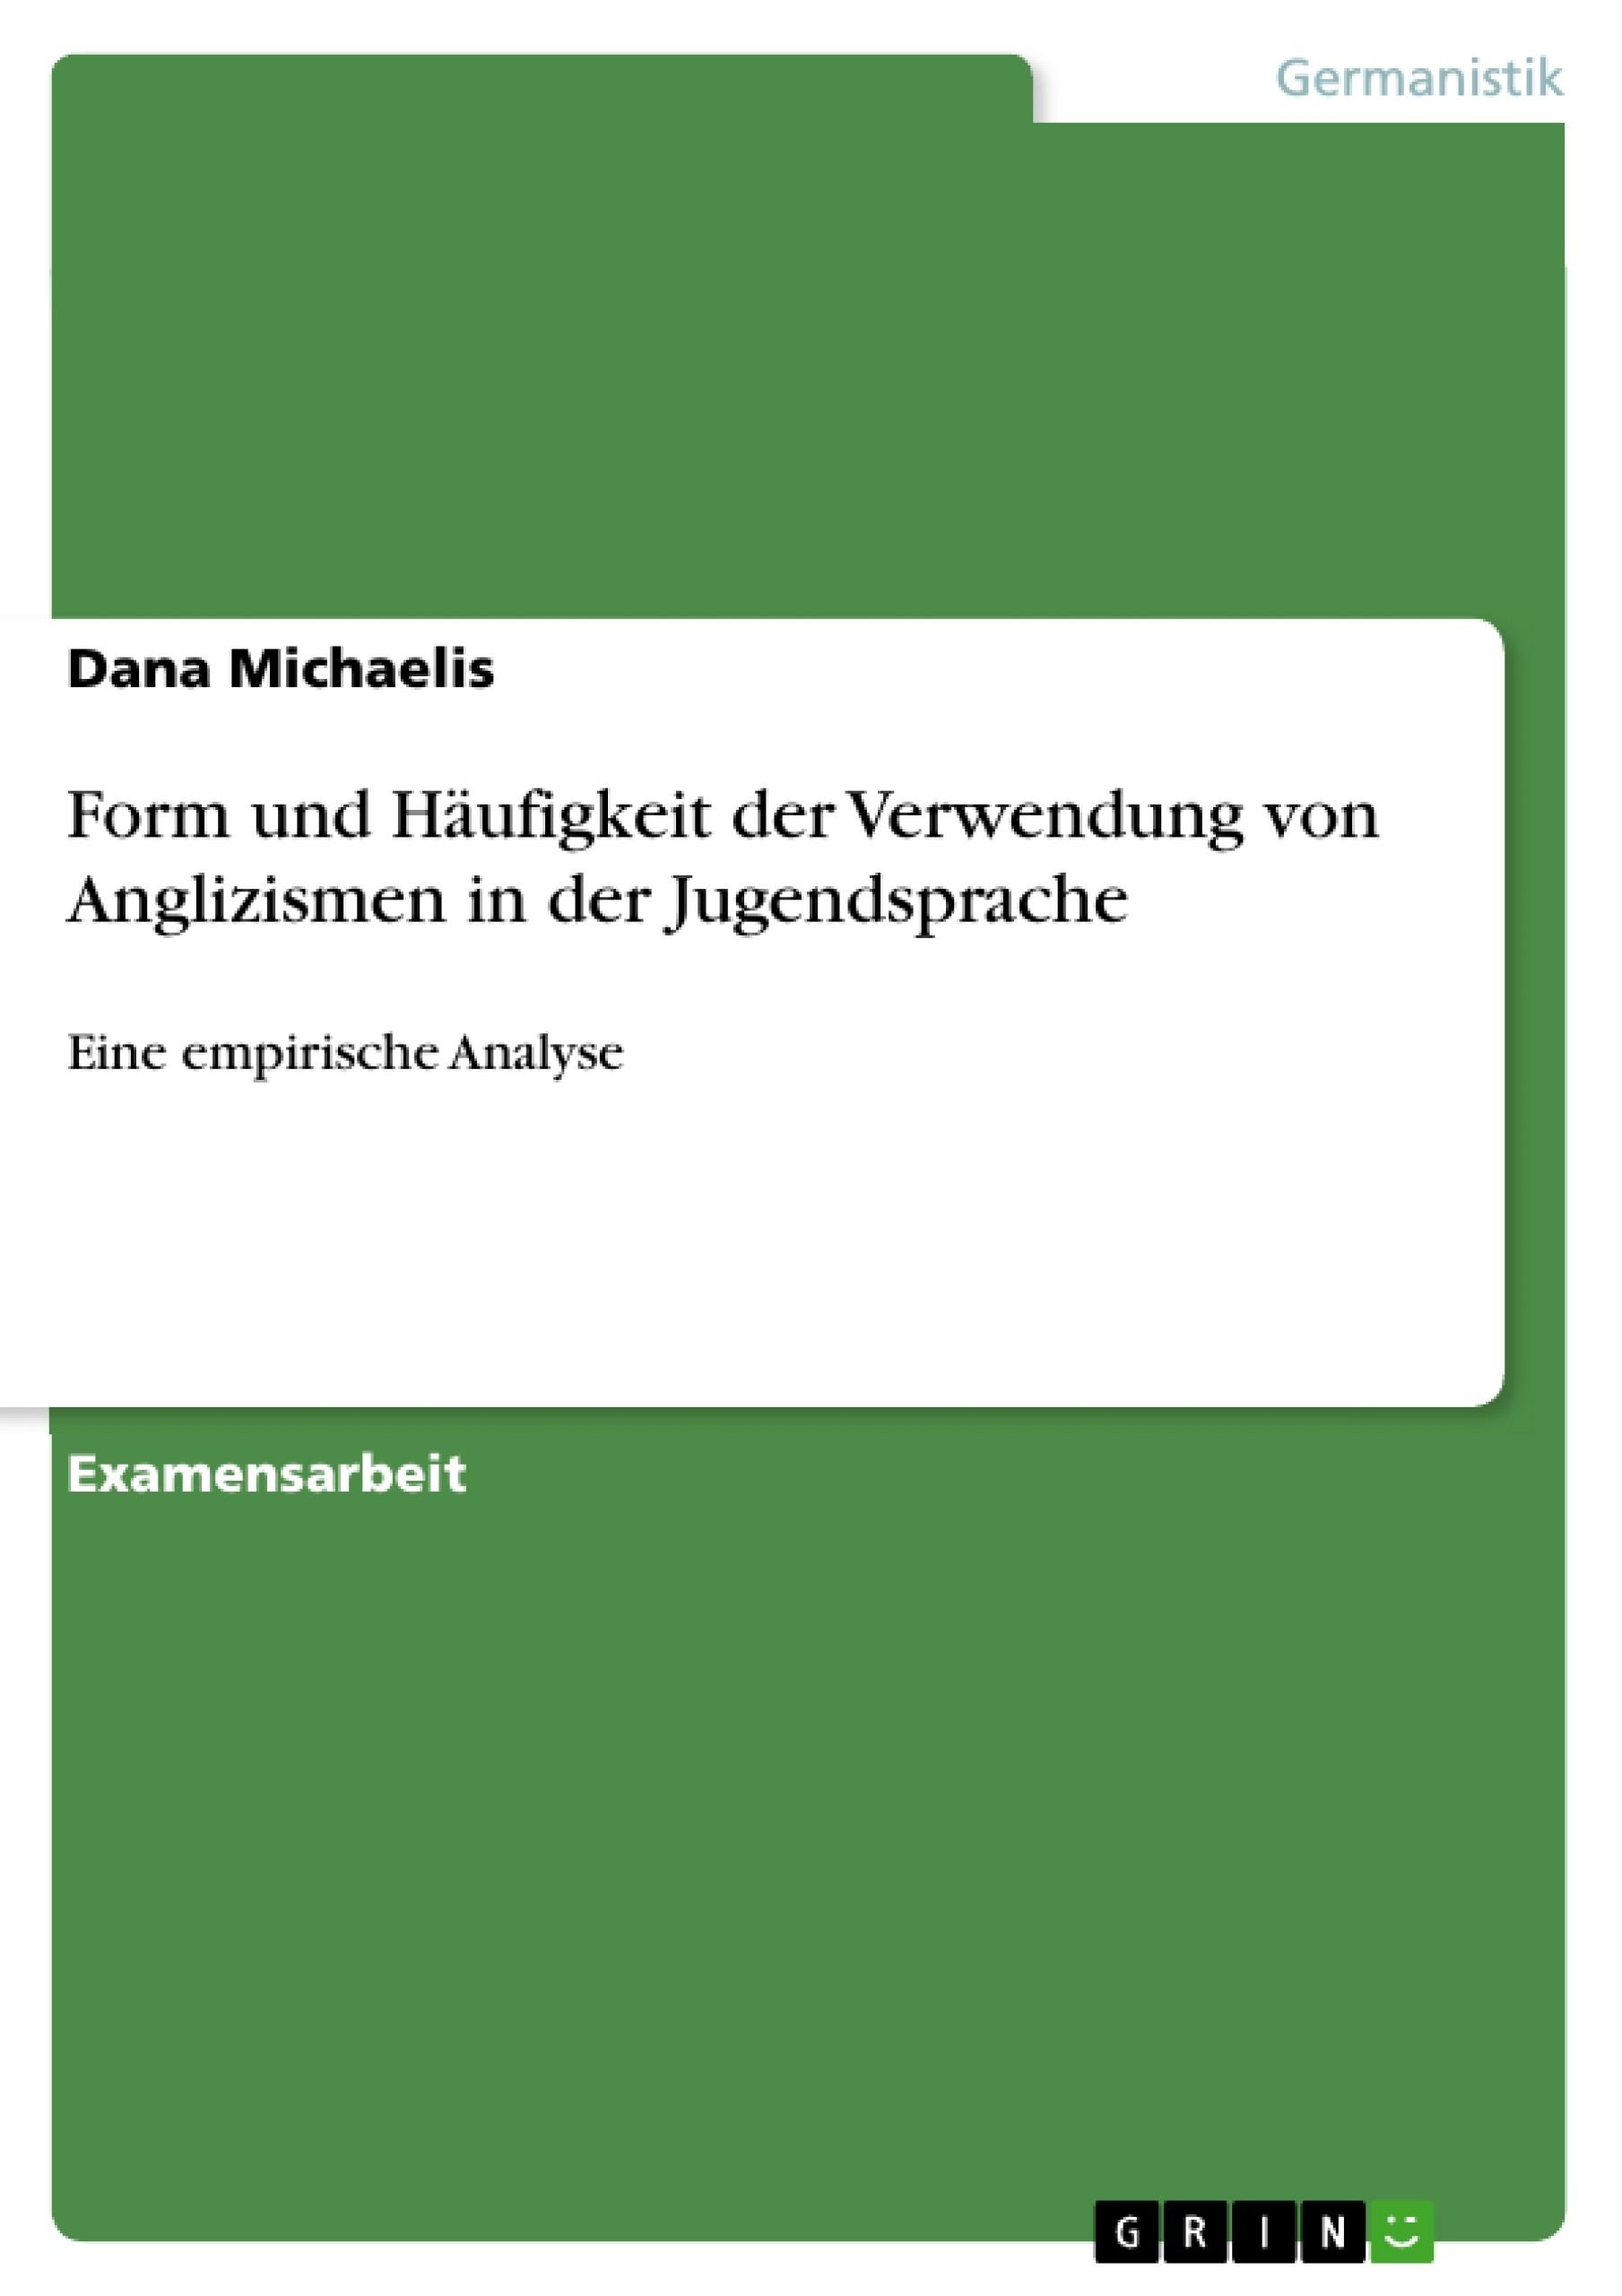 Titel: Form und Häufigkeit der Verwendung von Anglizismen in der Jugendsprache